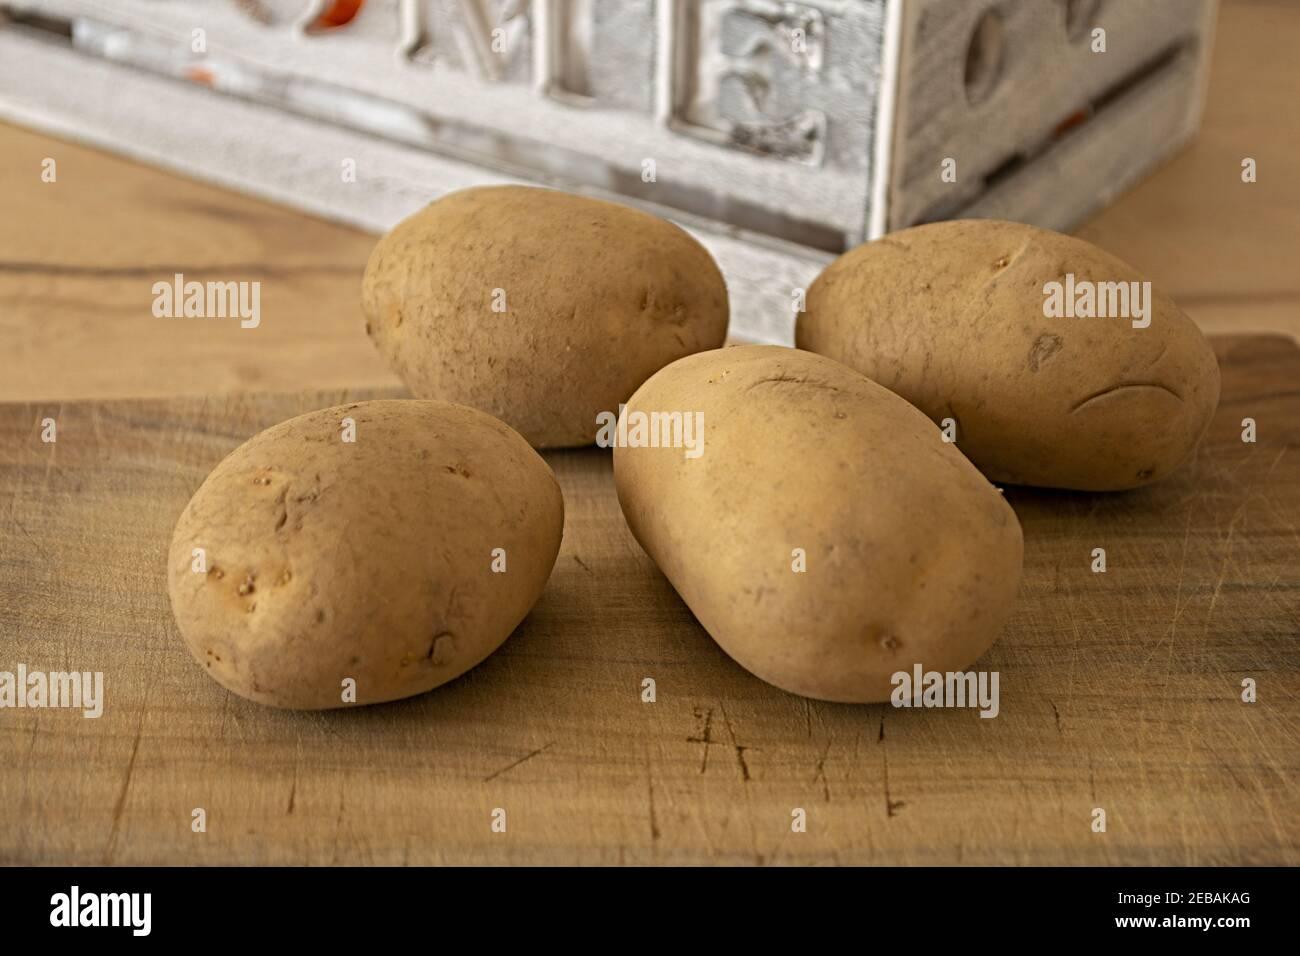 quattro patate sul tagliere altra vista Foto Stock